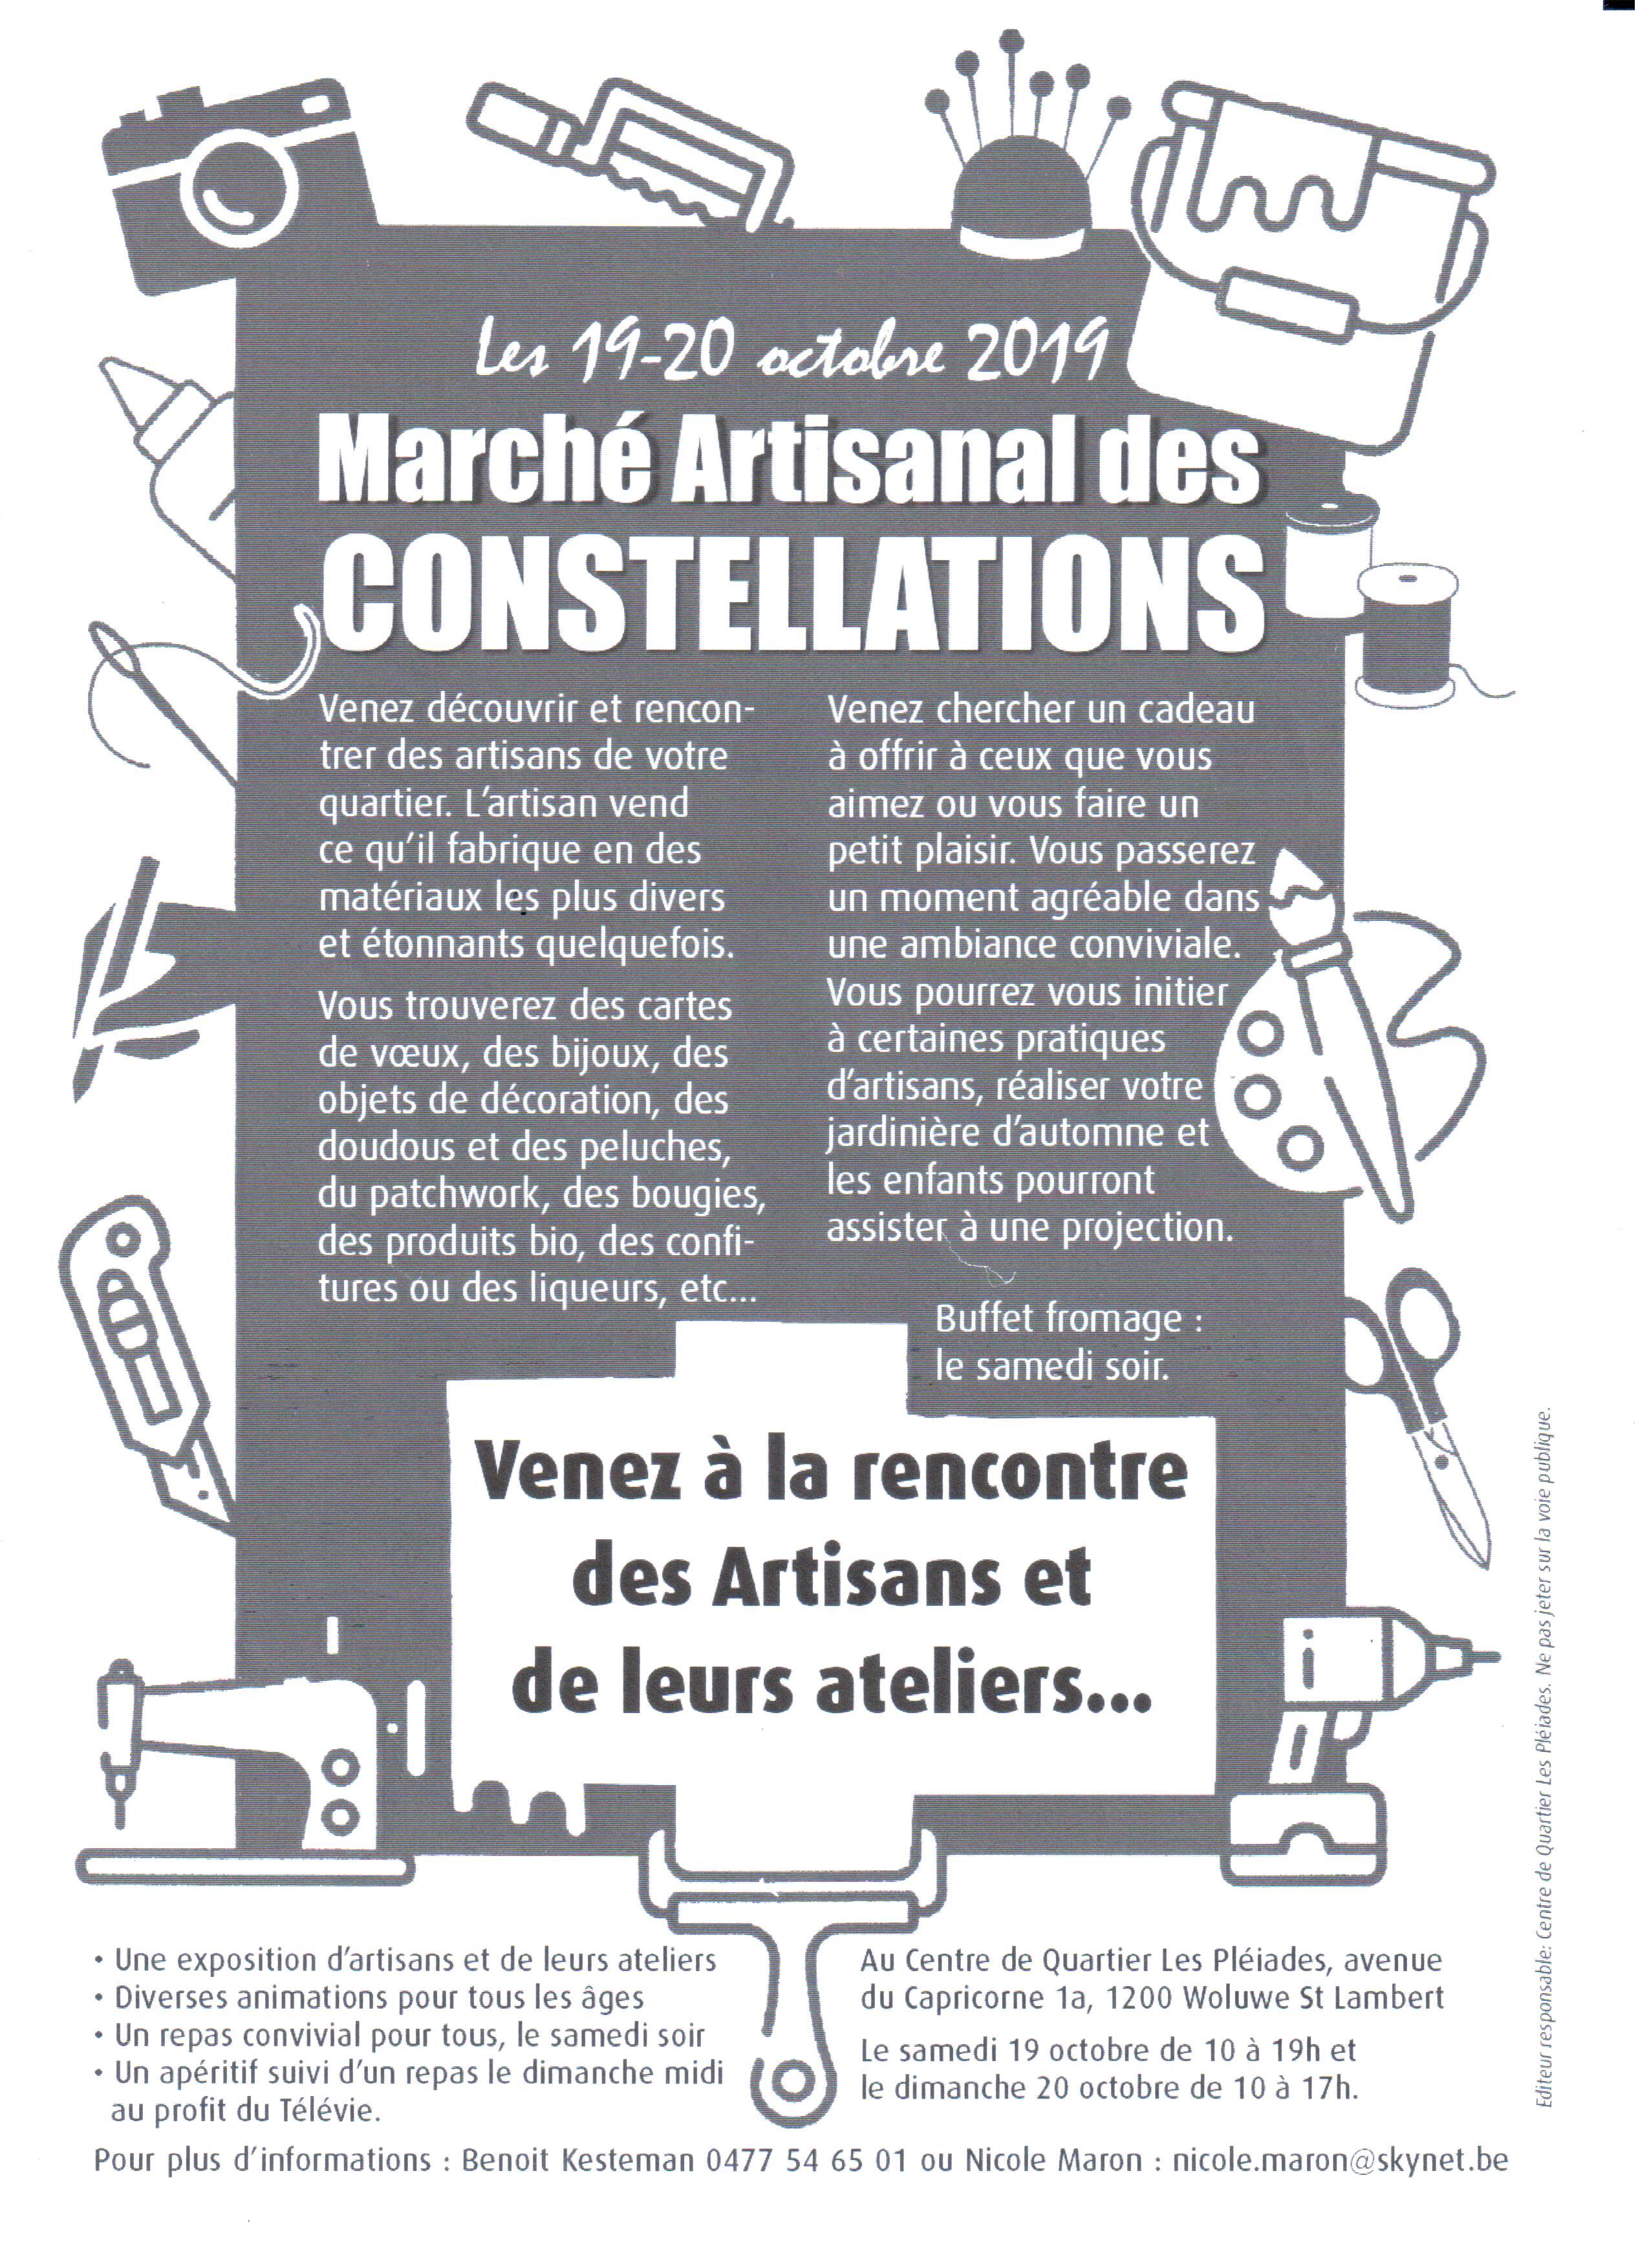 Marché artisanal des Constellations @ Les Pléiades